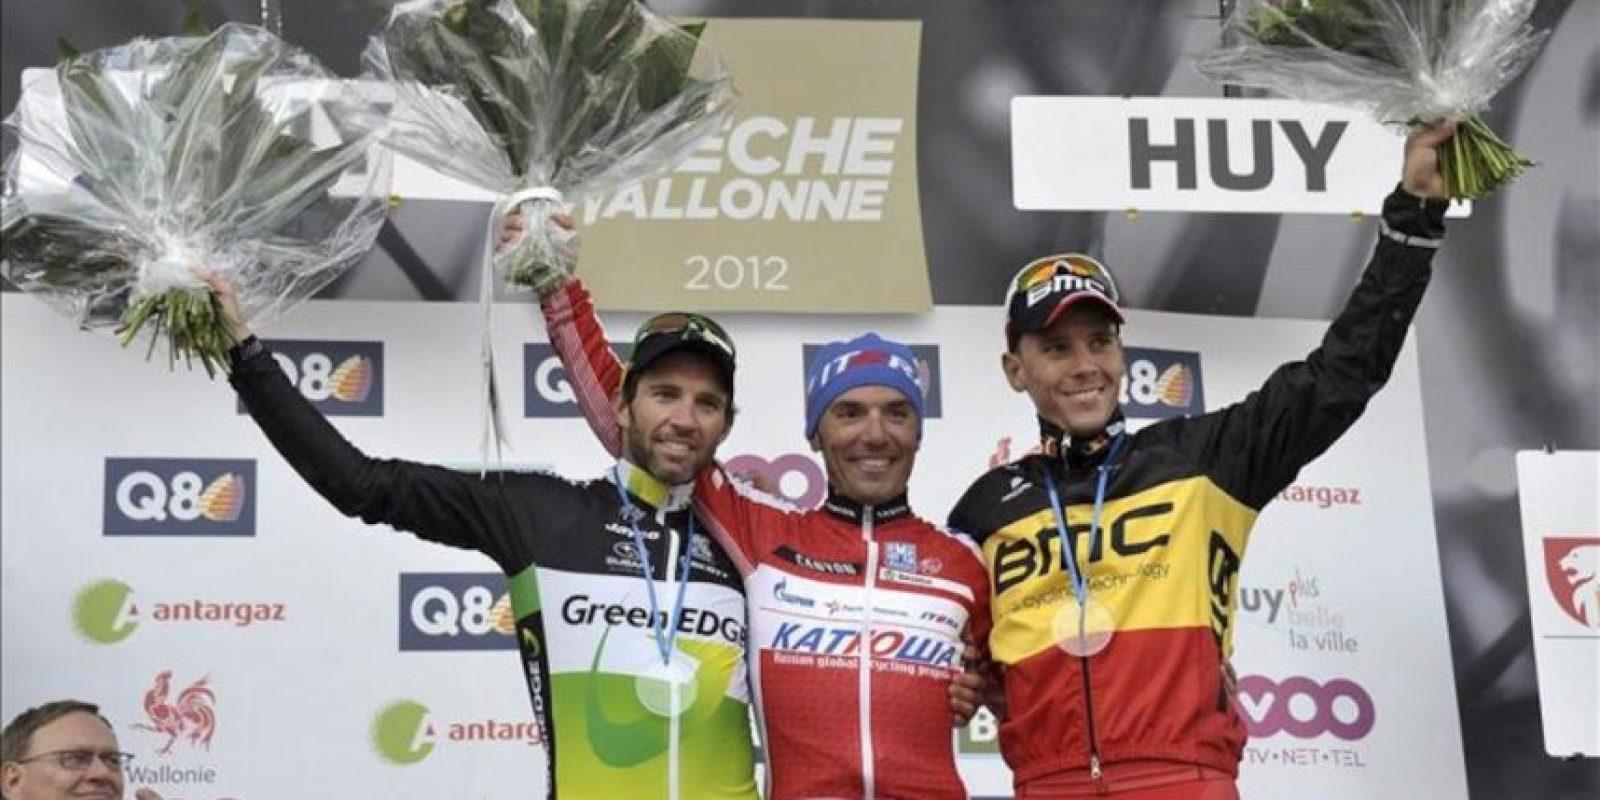 """Joaquim """"Purito"""" Rodríguez (c) celebra su victoria en la Flecha Valona, junto al suizo Michael Albasini (segundo) (i) y el belga Philippe Gilbert (tercero) (d) en Huy, Bélgica. EFE"""